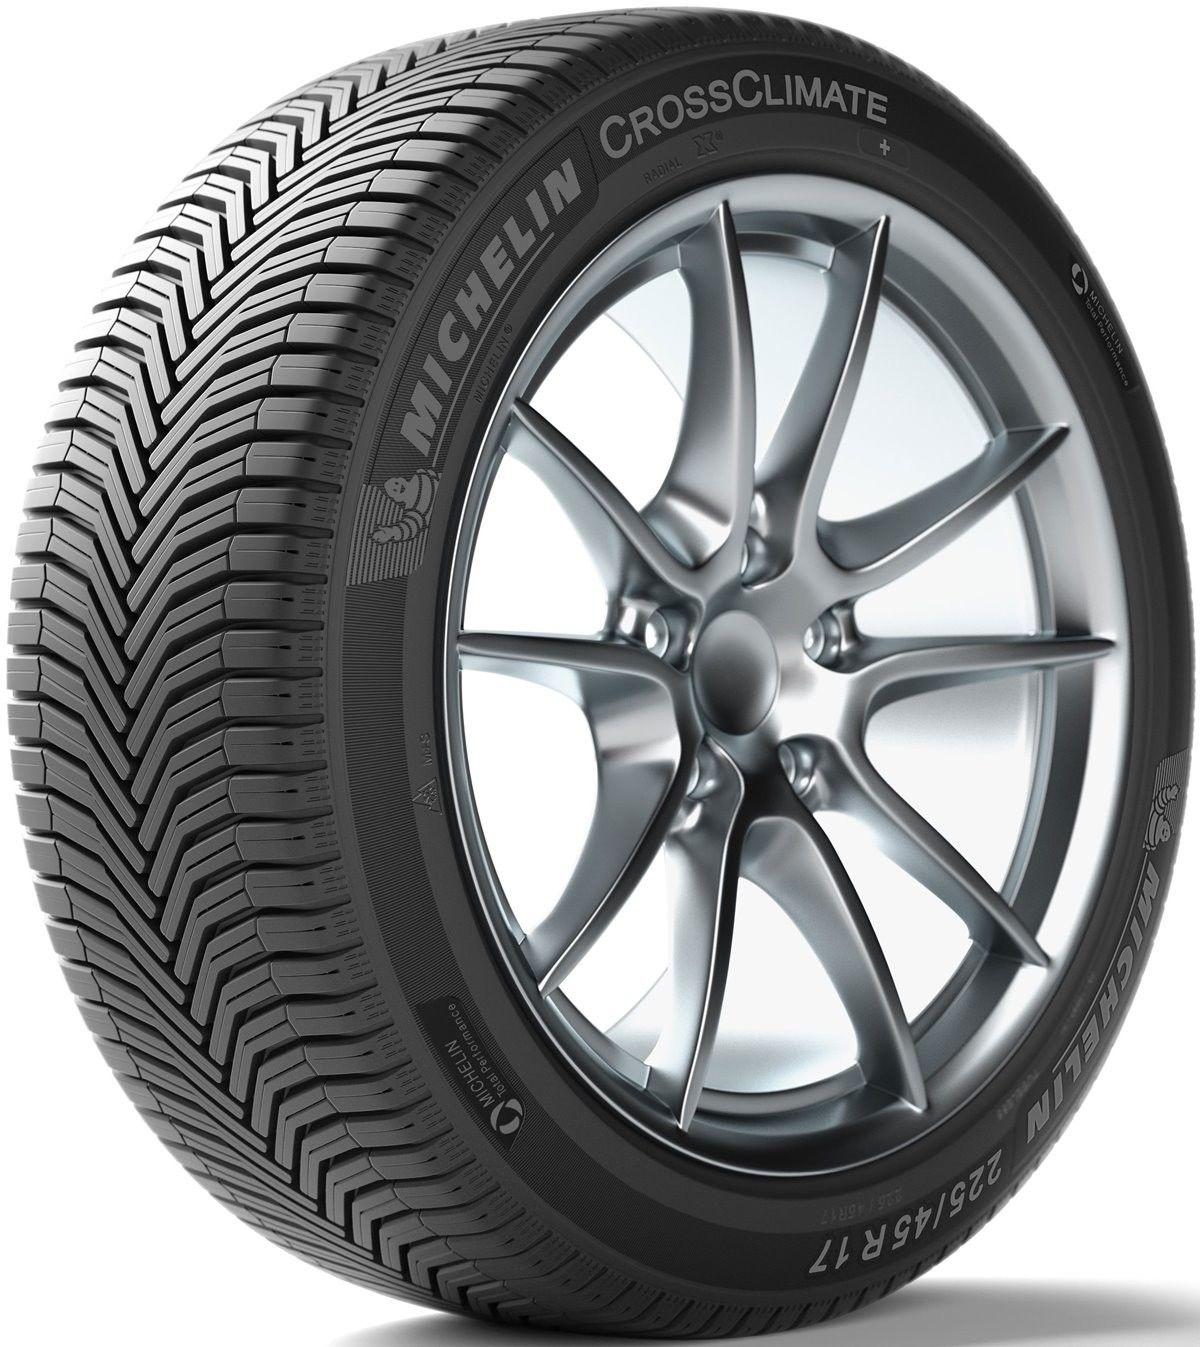 Michelin CROSSCLIMATE 215/50 R17 95 W